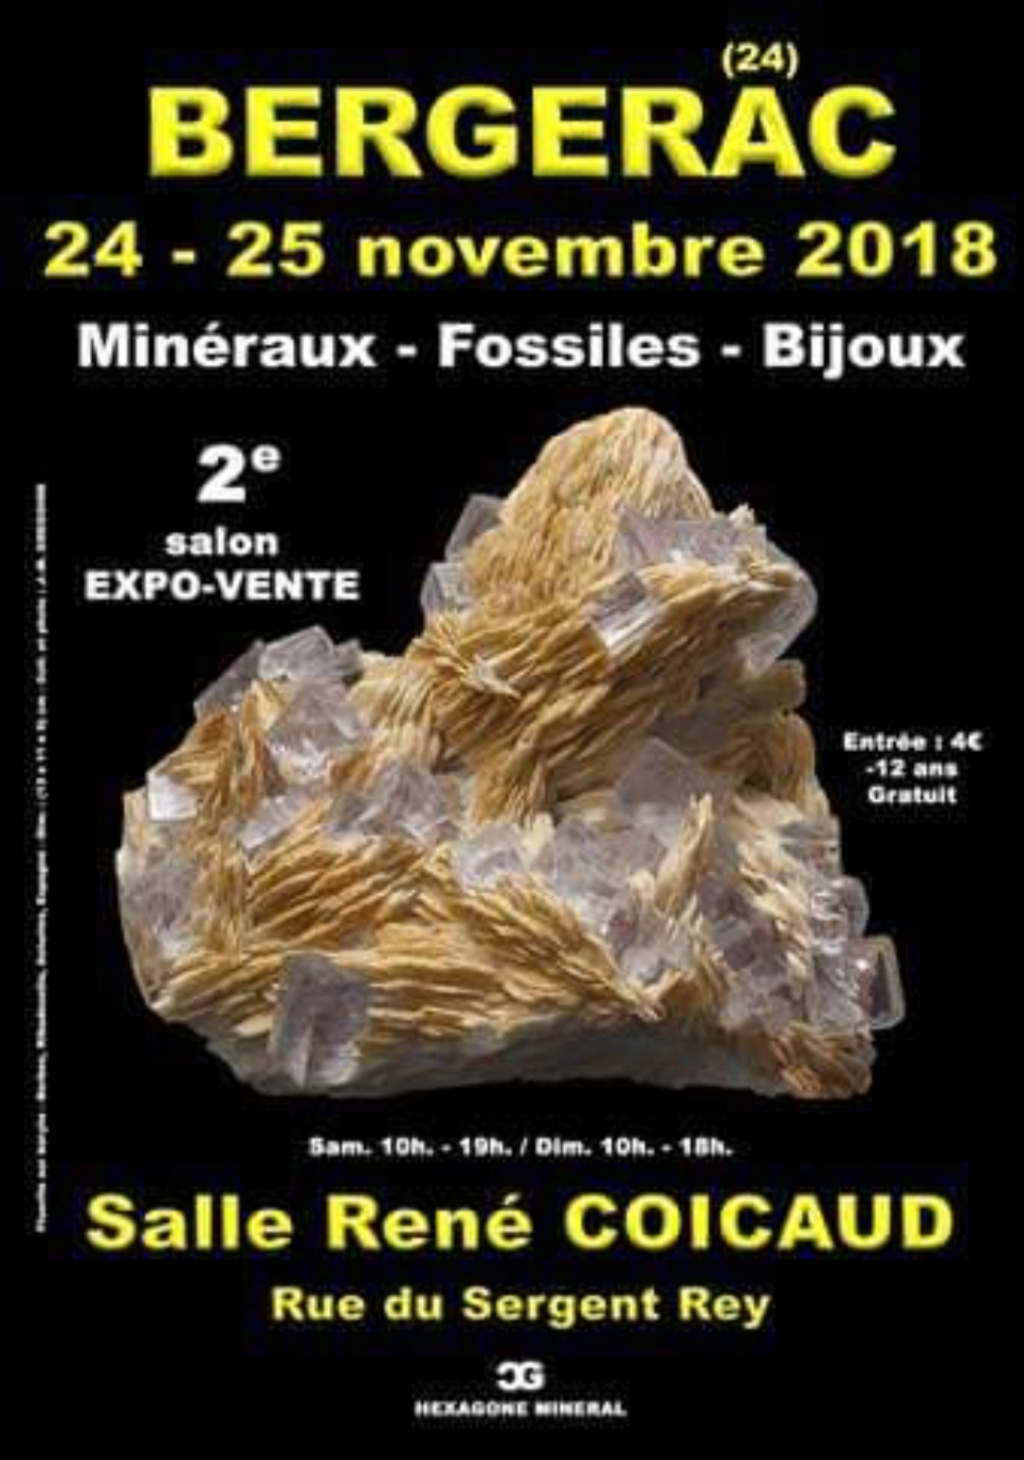 Ferias mes de Noviembre 20181111